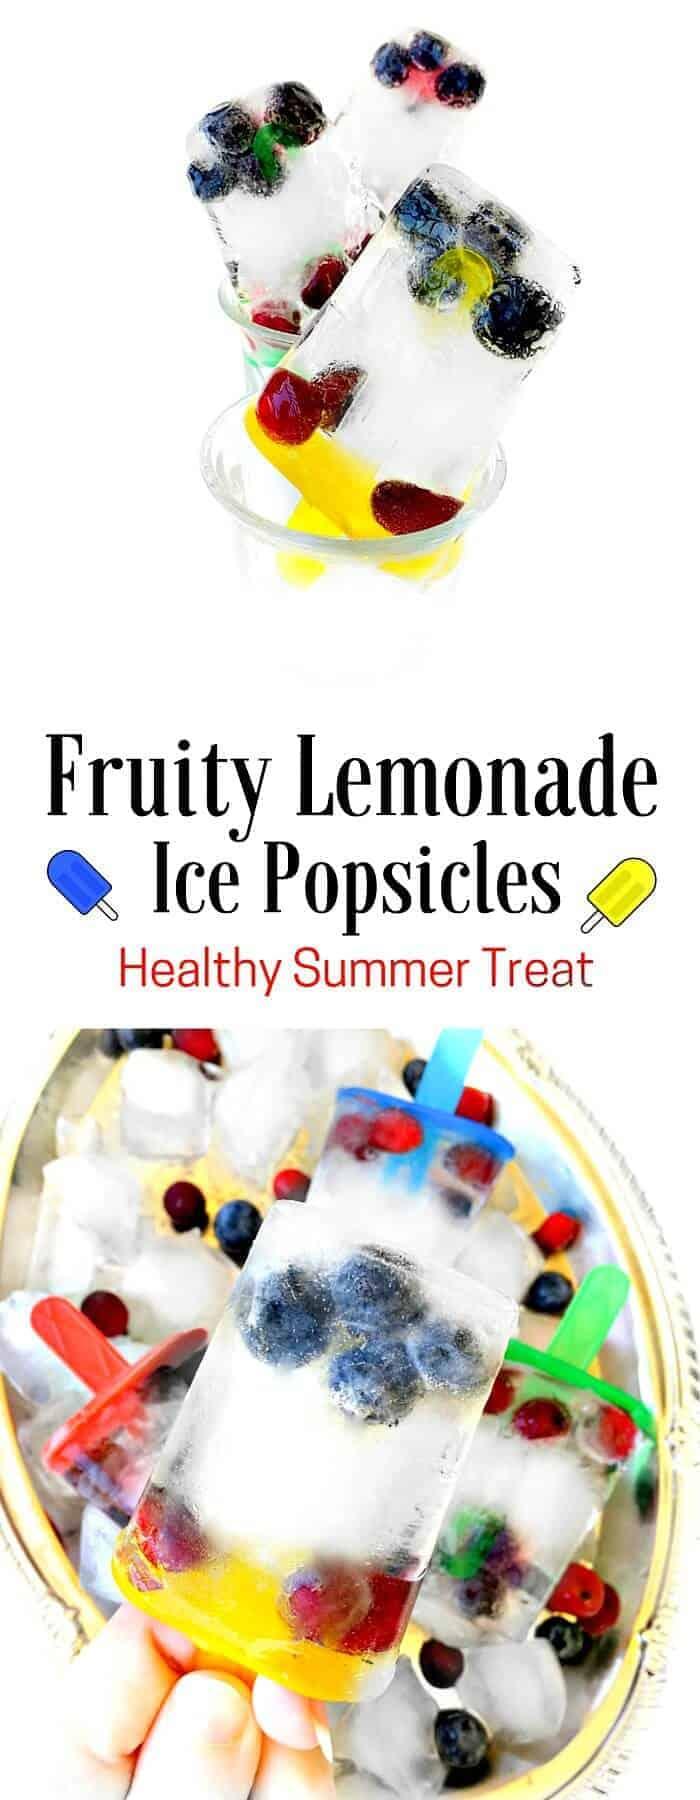 Fruity Lemonade Ice Popsicles